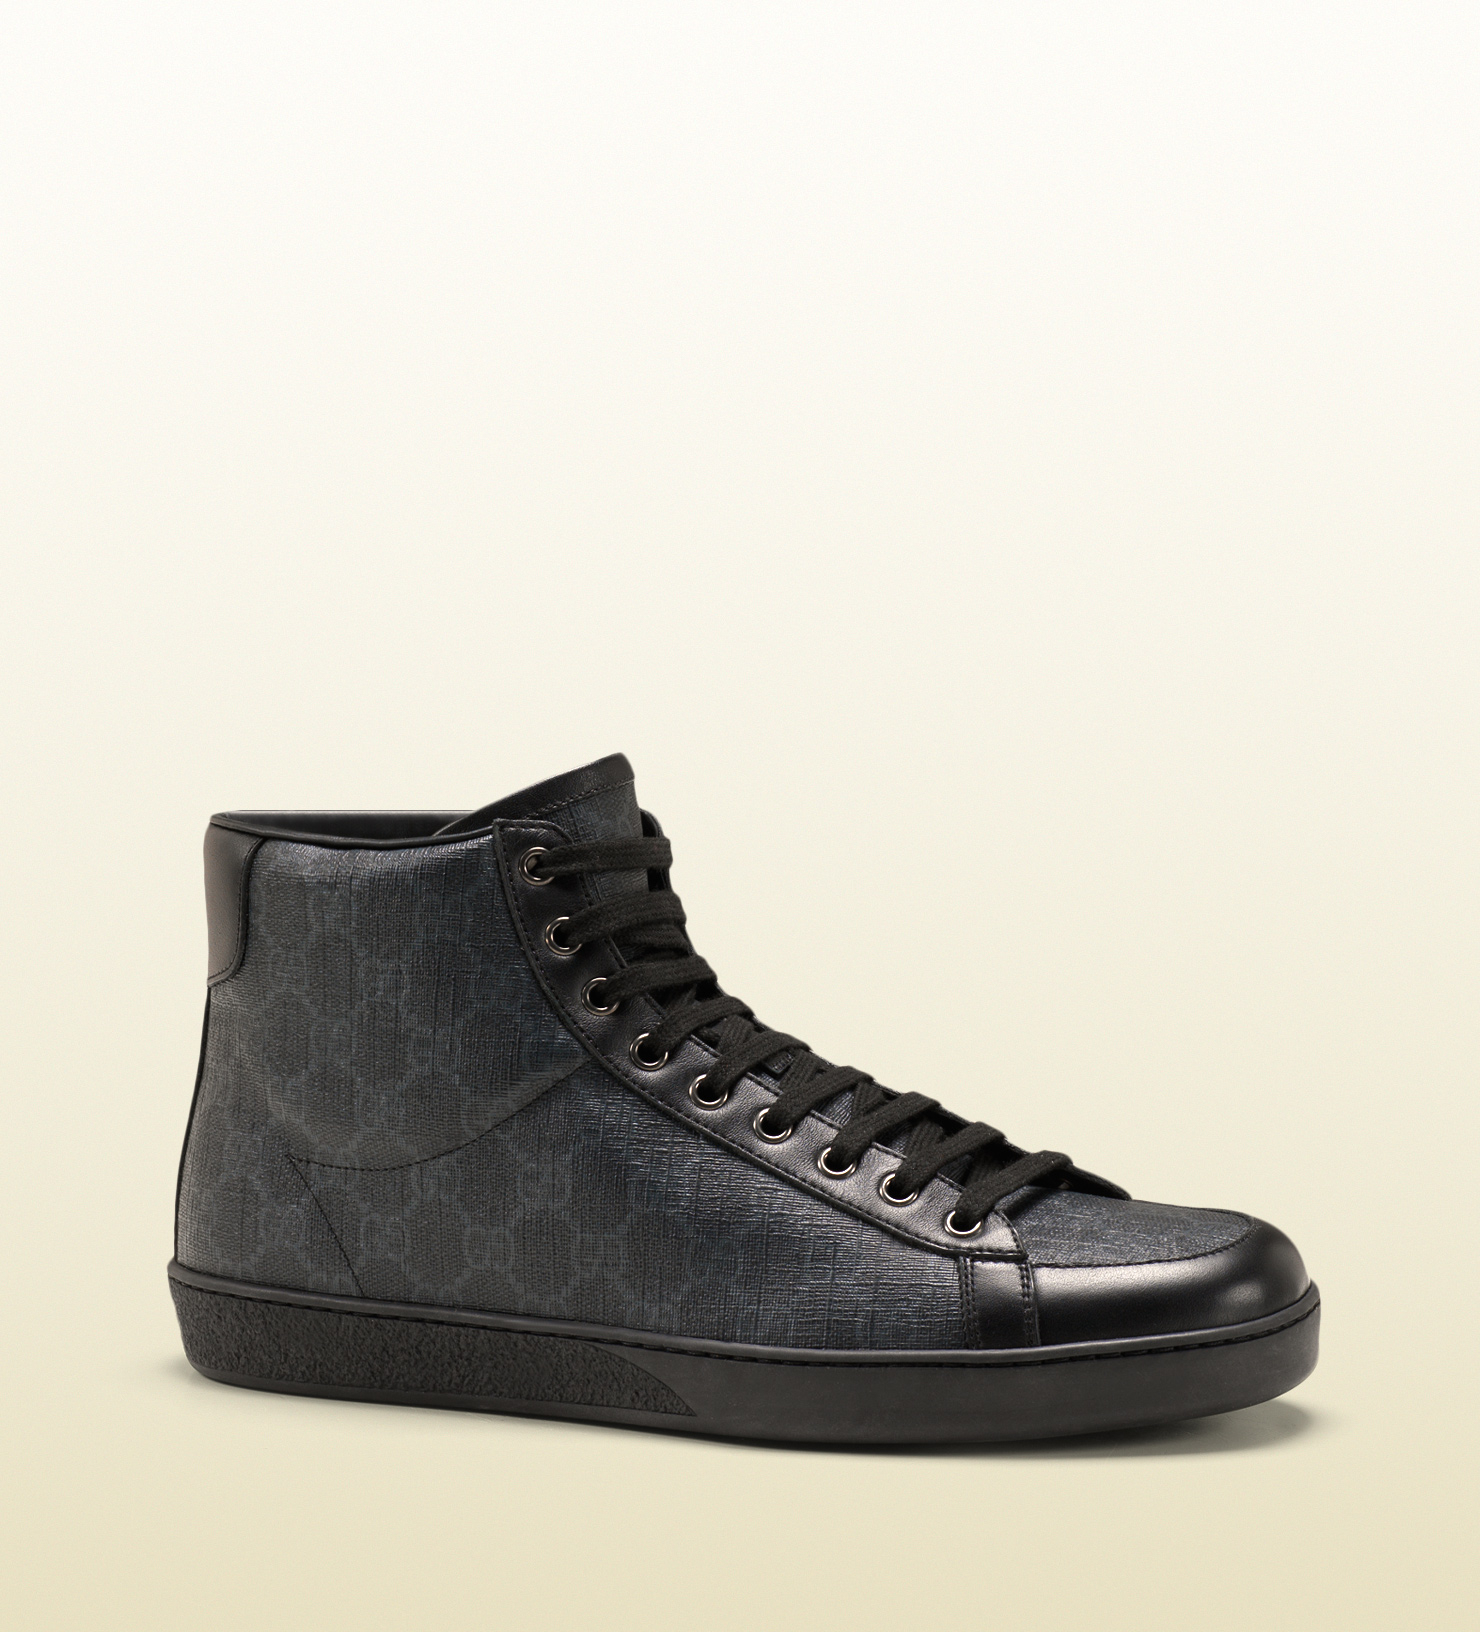 3a27c90bb9276 Gucci Gg Supreme Sneaker For Men. Gucci Gg Supreme Canvas High-top ...